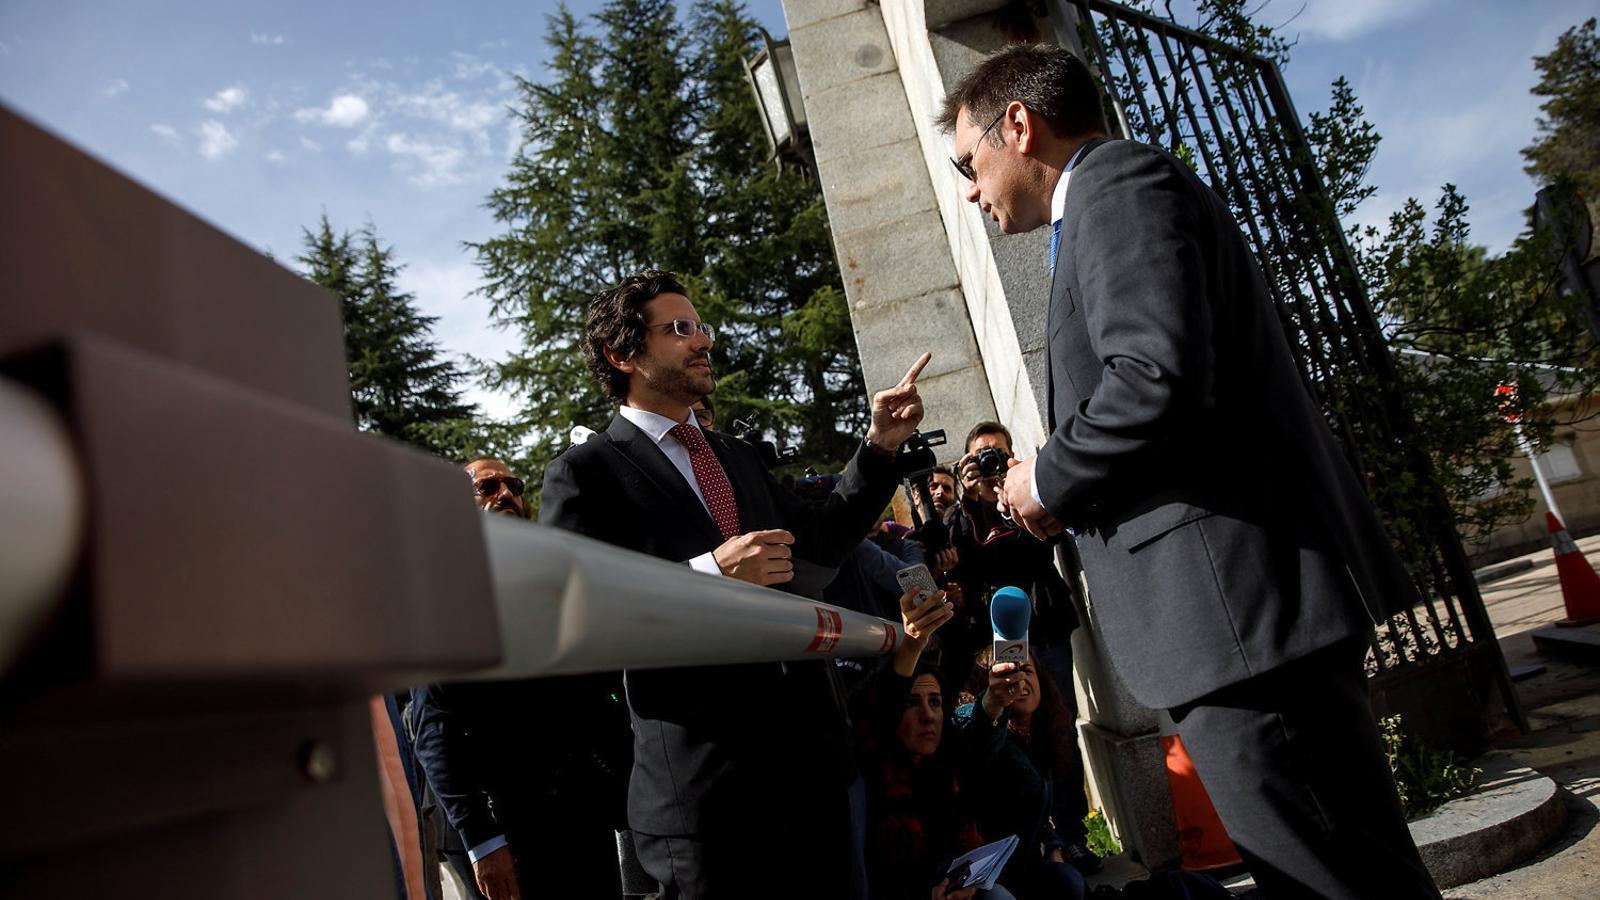 L'advocat Eduardo Ranz amb alguns dels familiars a les portes del Valle de los Caídos.